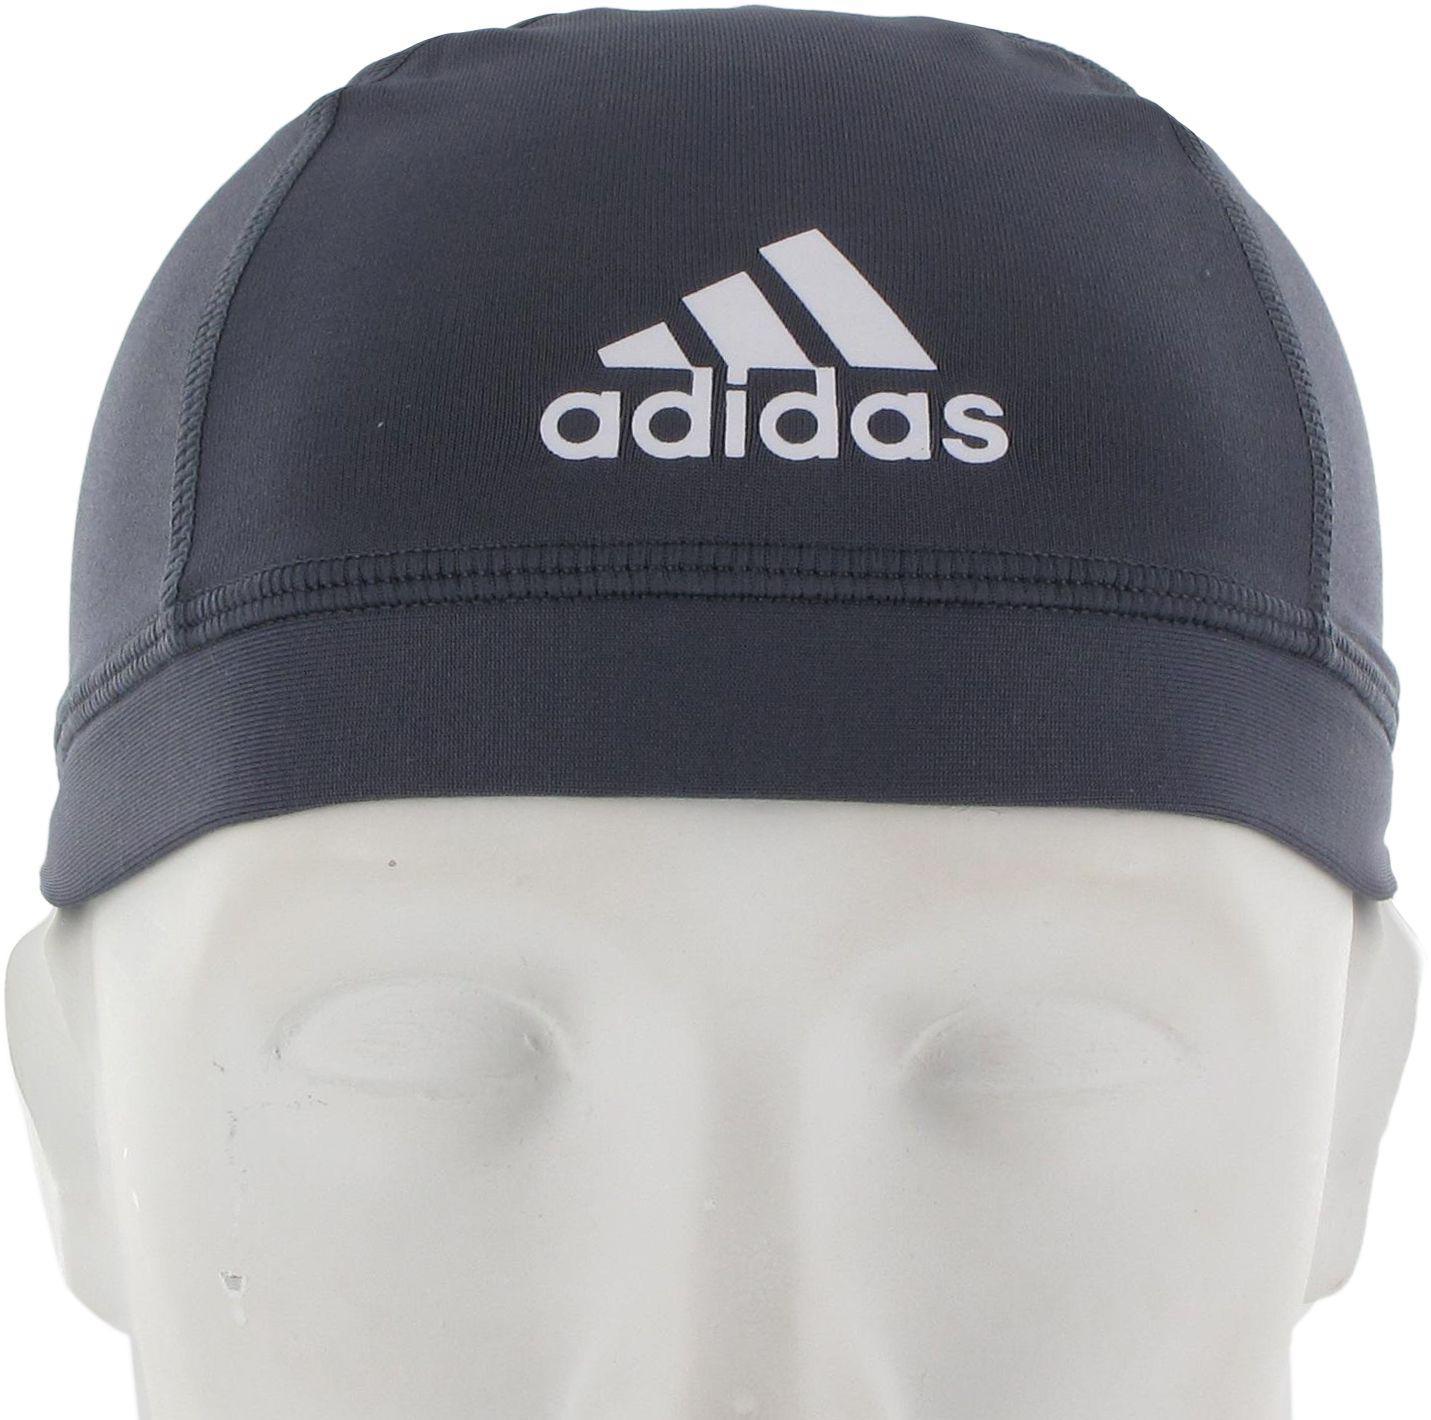 4ab32b1d8d5 Lyst - adidas Football Skull Cap in Blue for Men